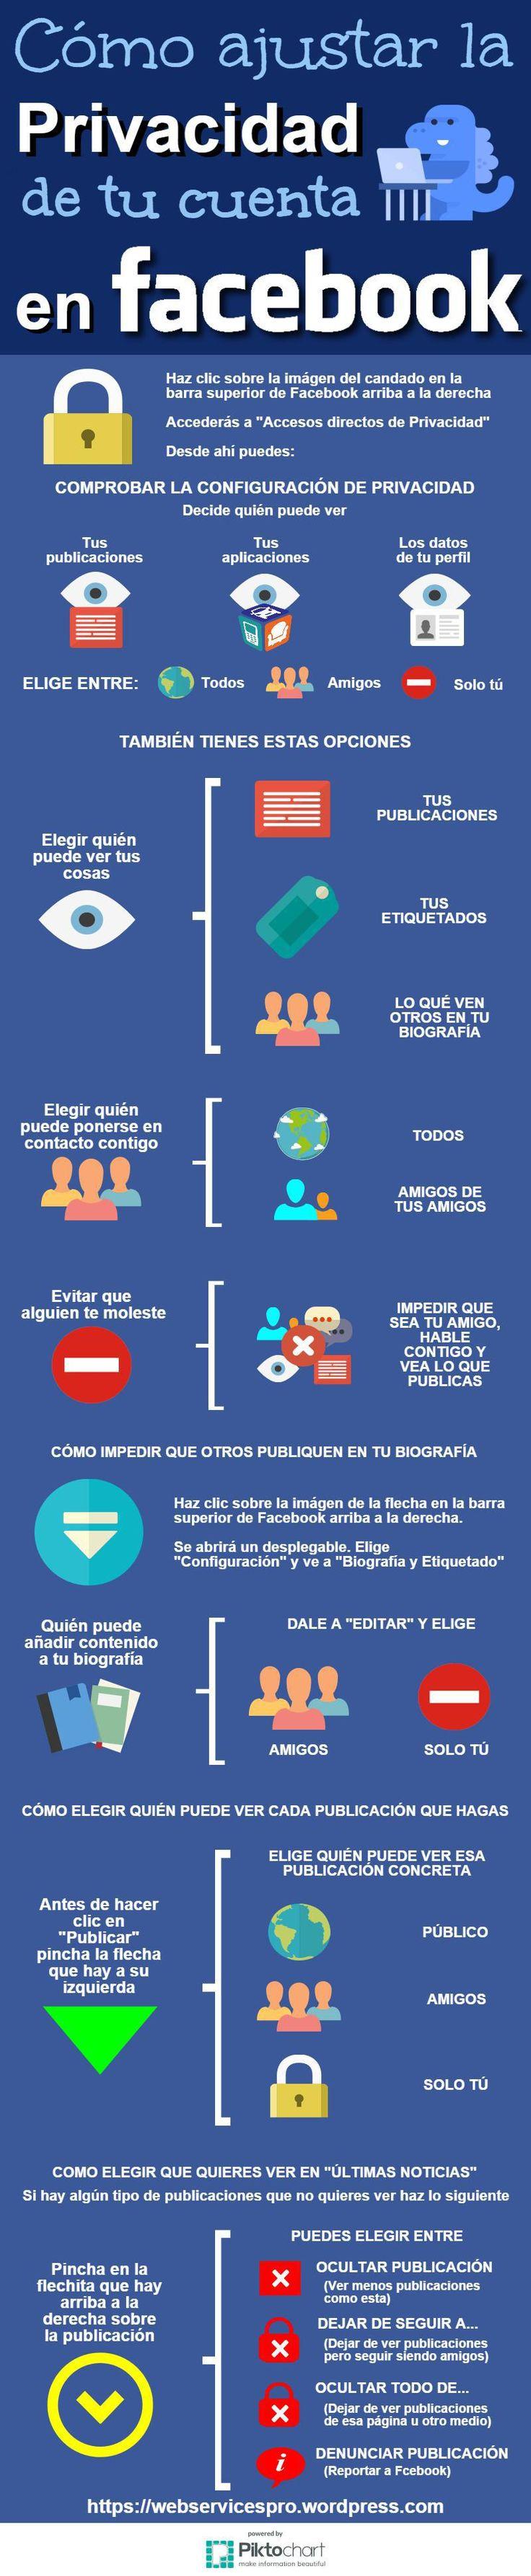 Aprende a configurar correctamente la Privacidad de tu cuenta de Facebook con todos los consejos y tips que ofrece esta infografía.